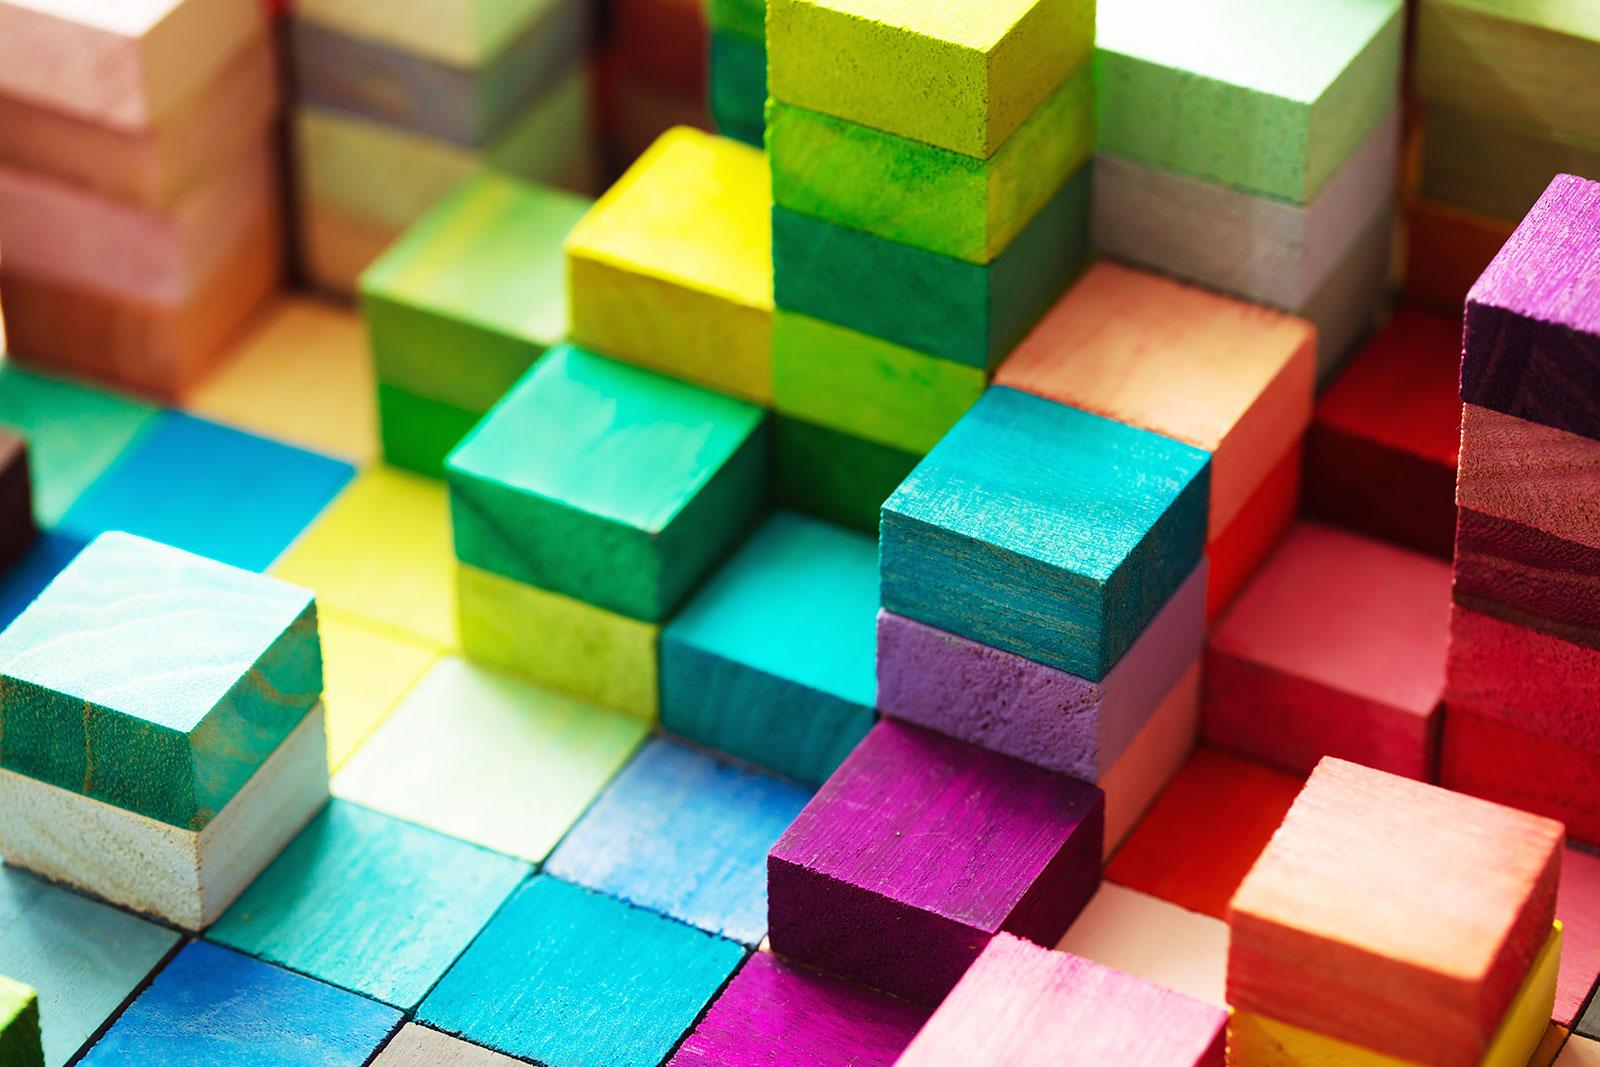 STILE専用ブロックエディター用プラグイン、「STILE Blocks」のアイキャッチ画像